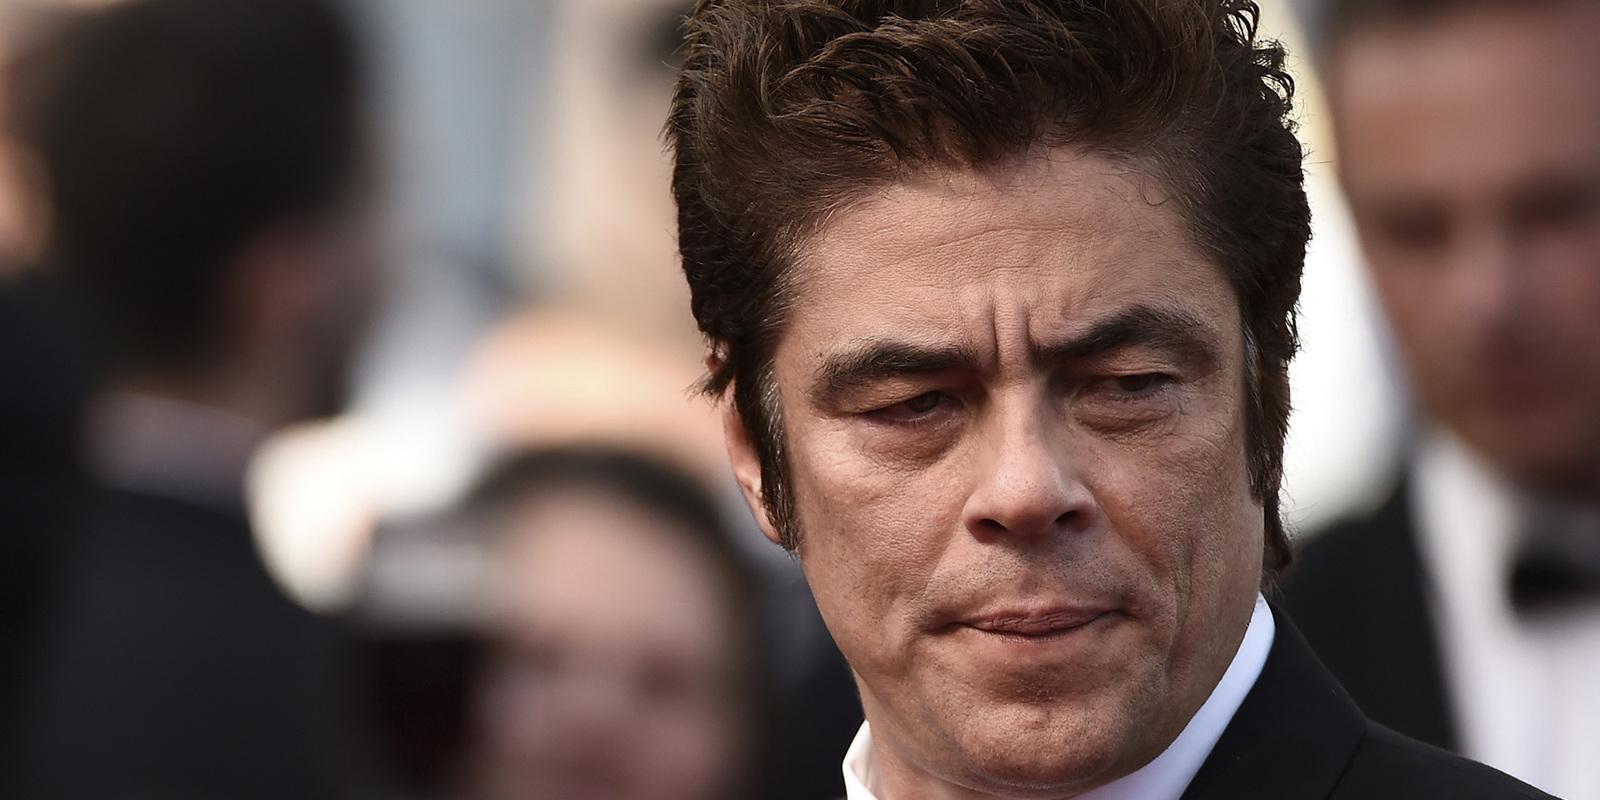 5 Minutes With... Benicio Del Toro